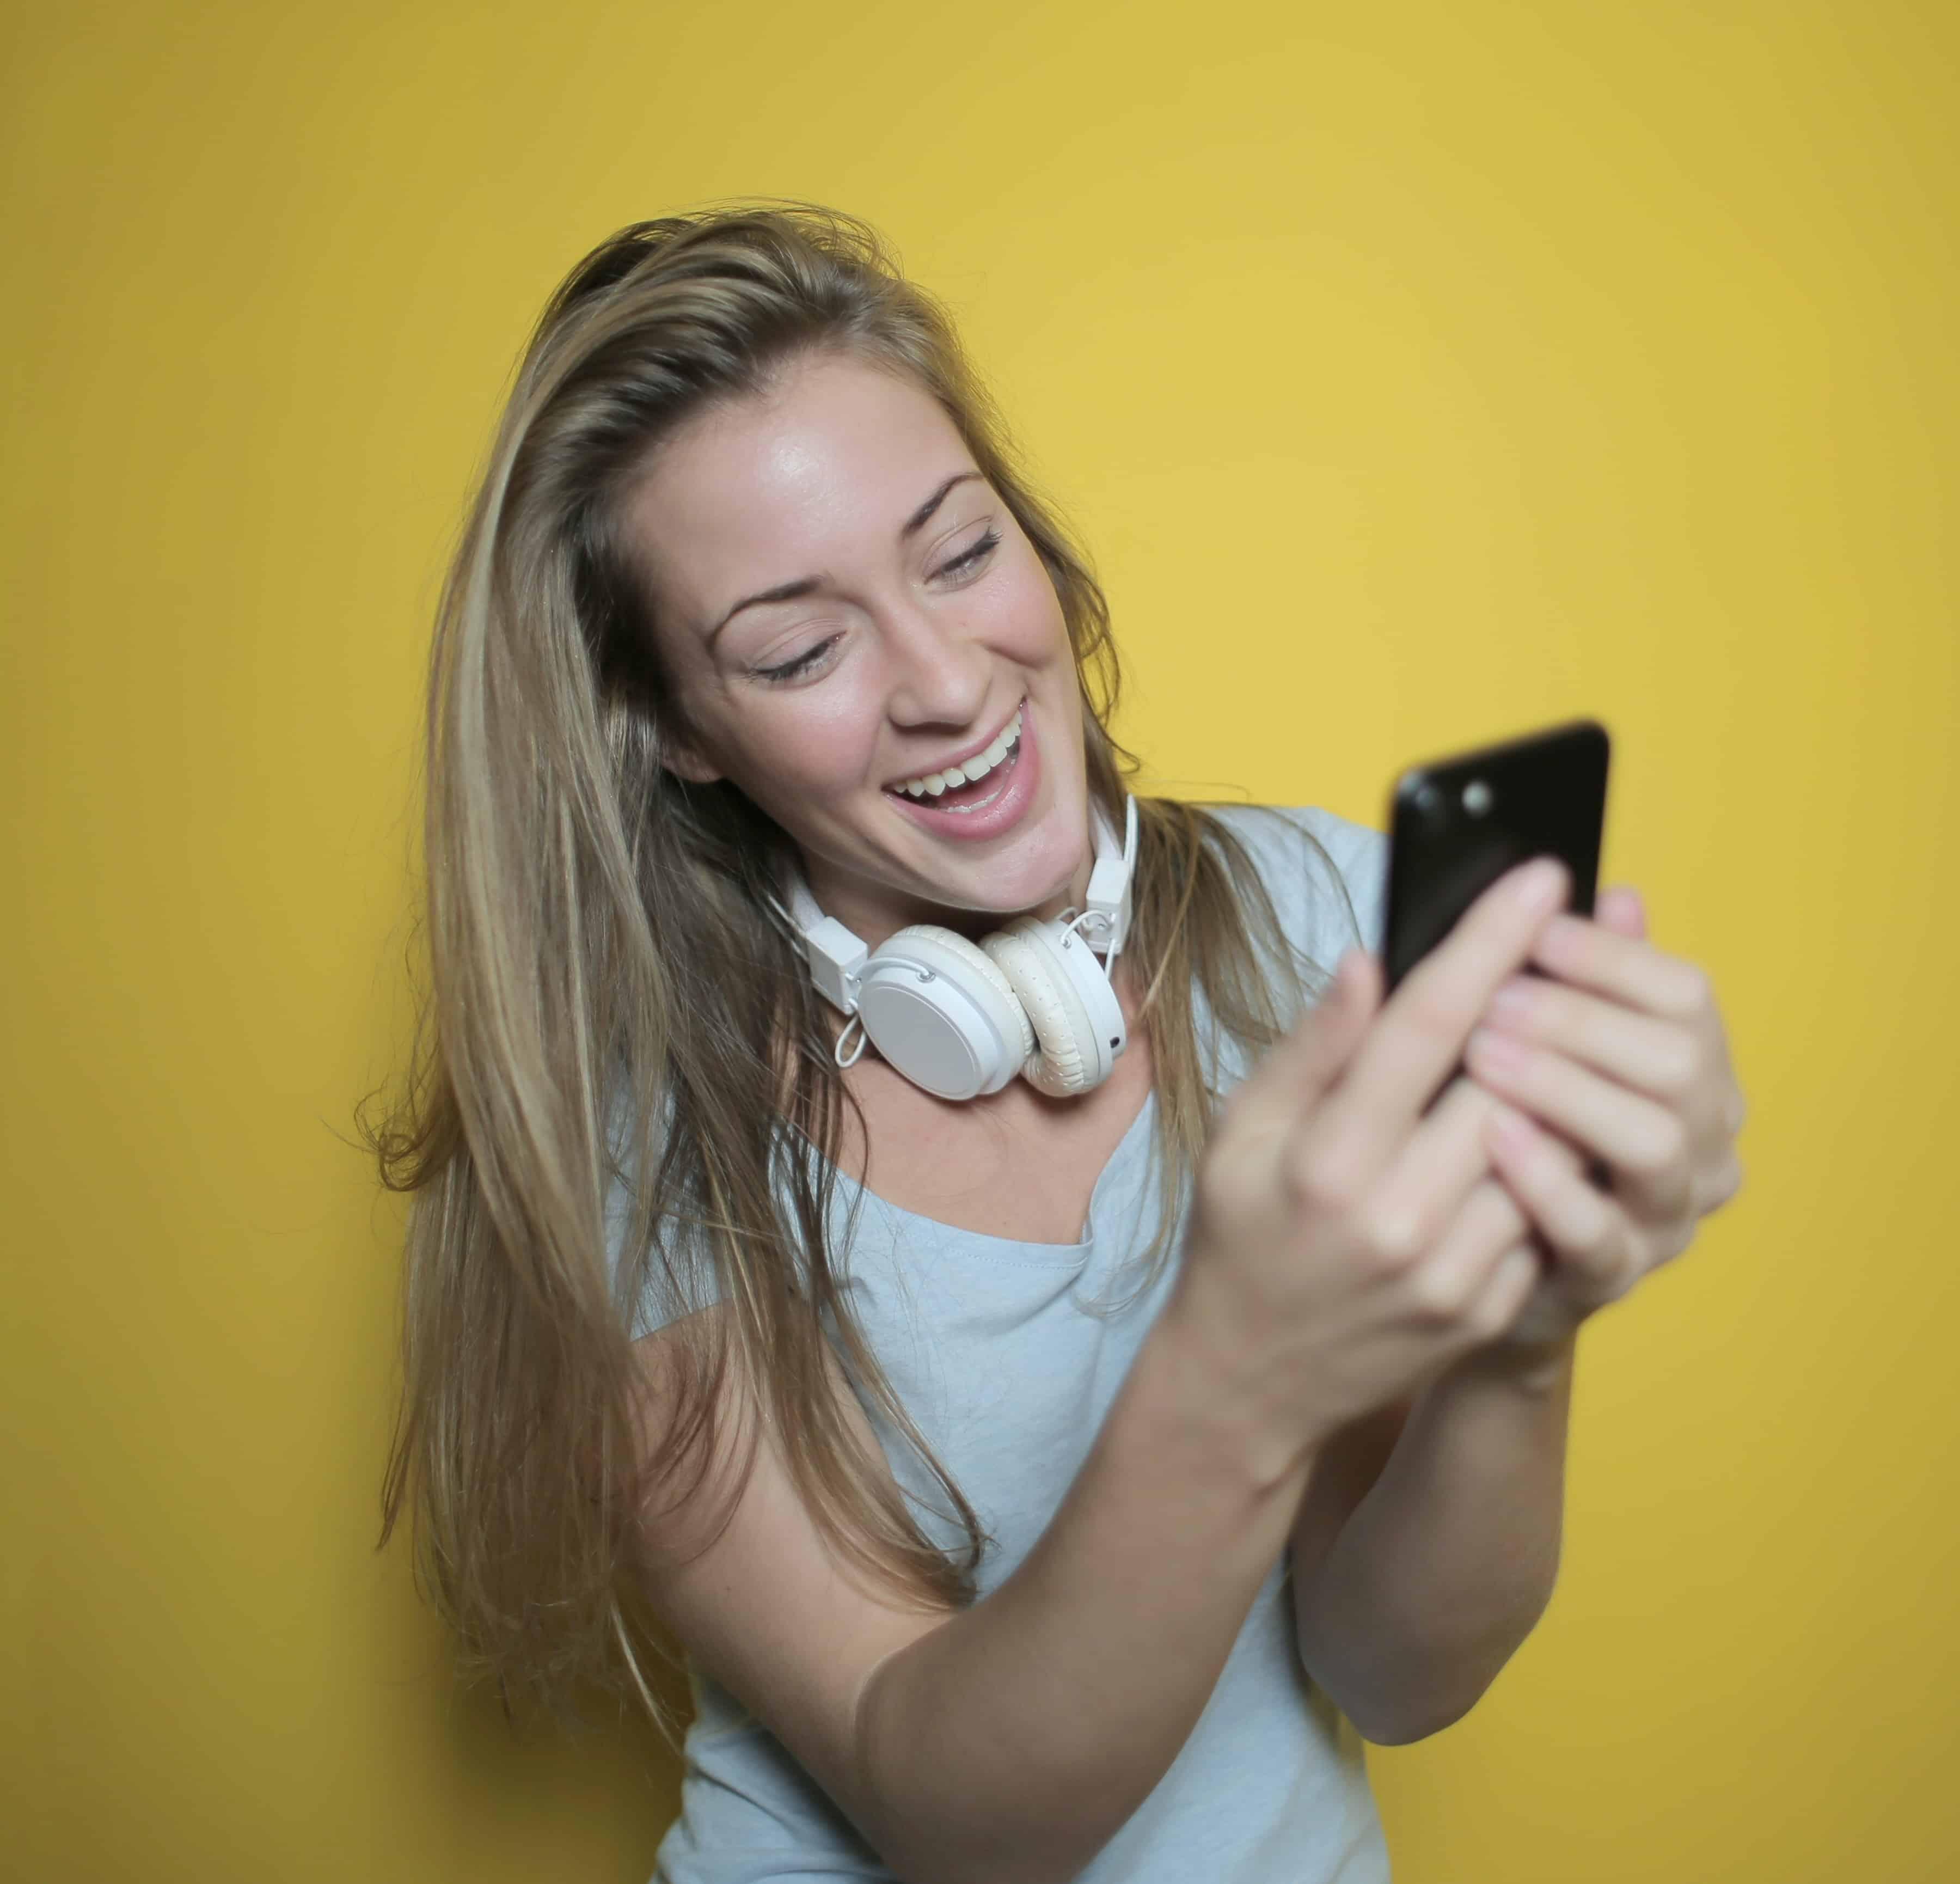 5 Jenis Aplikasi Hiburan yang Bisa Kamu Akses Selama di Rumah Aja gdilab